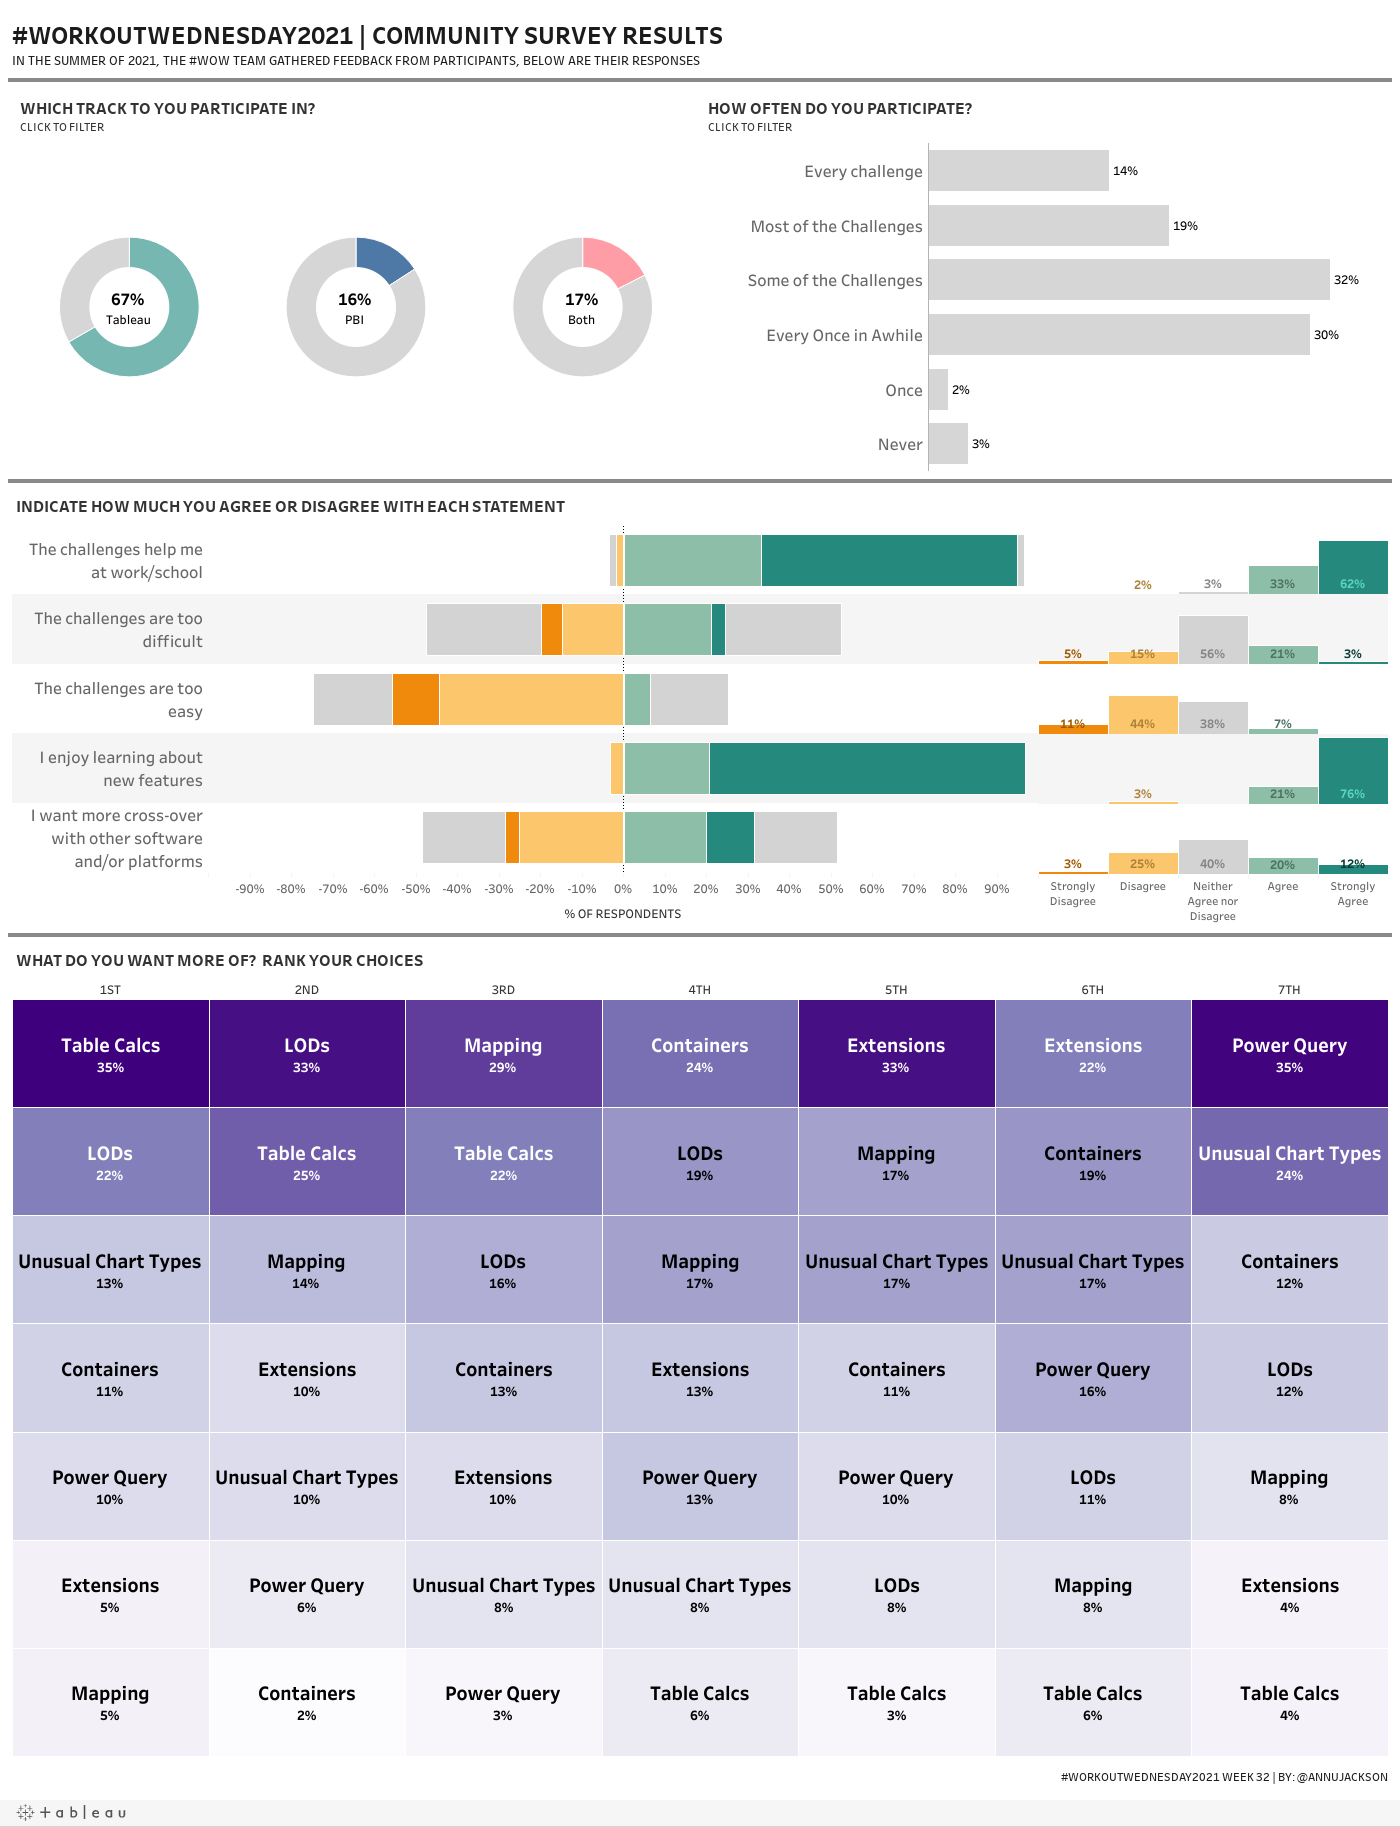 #WorkoutWednesday2021 Week 32   #WOW2021 Community Survey